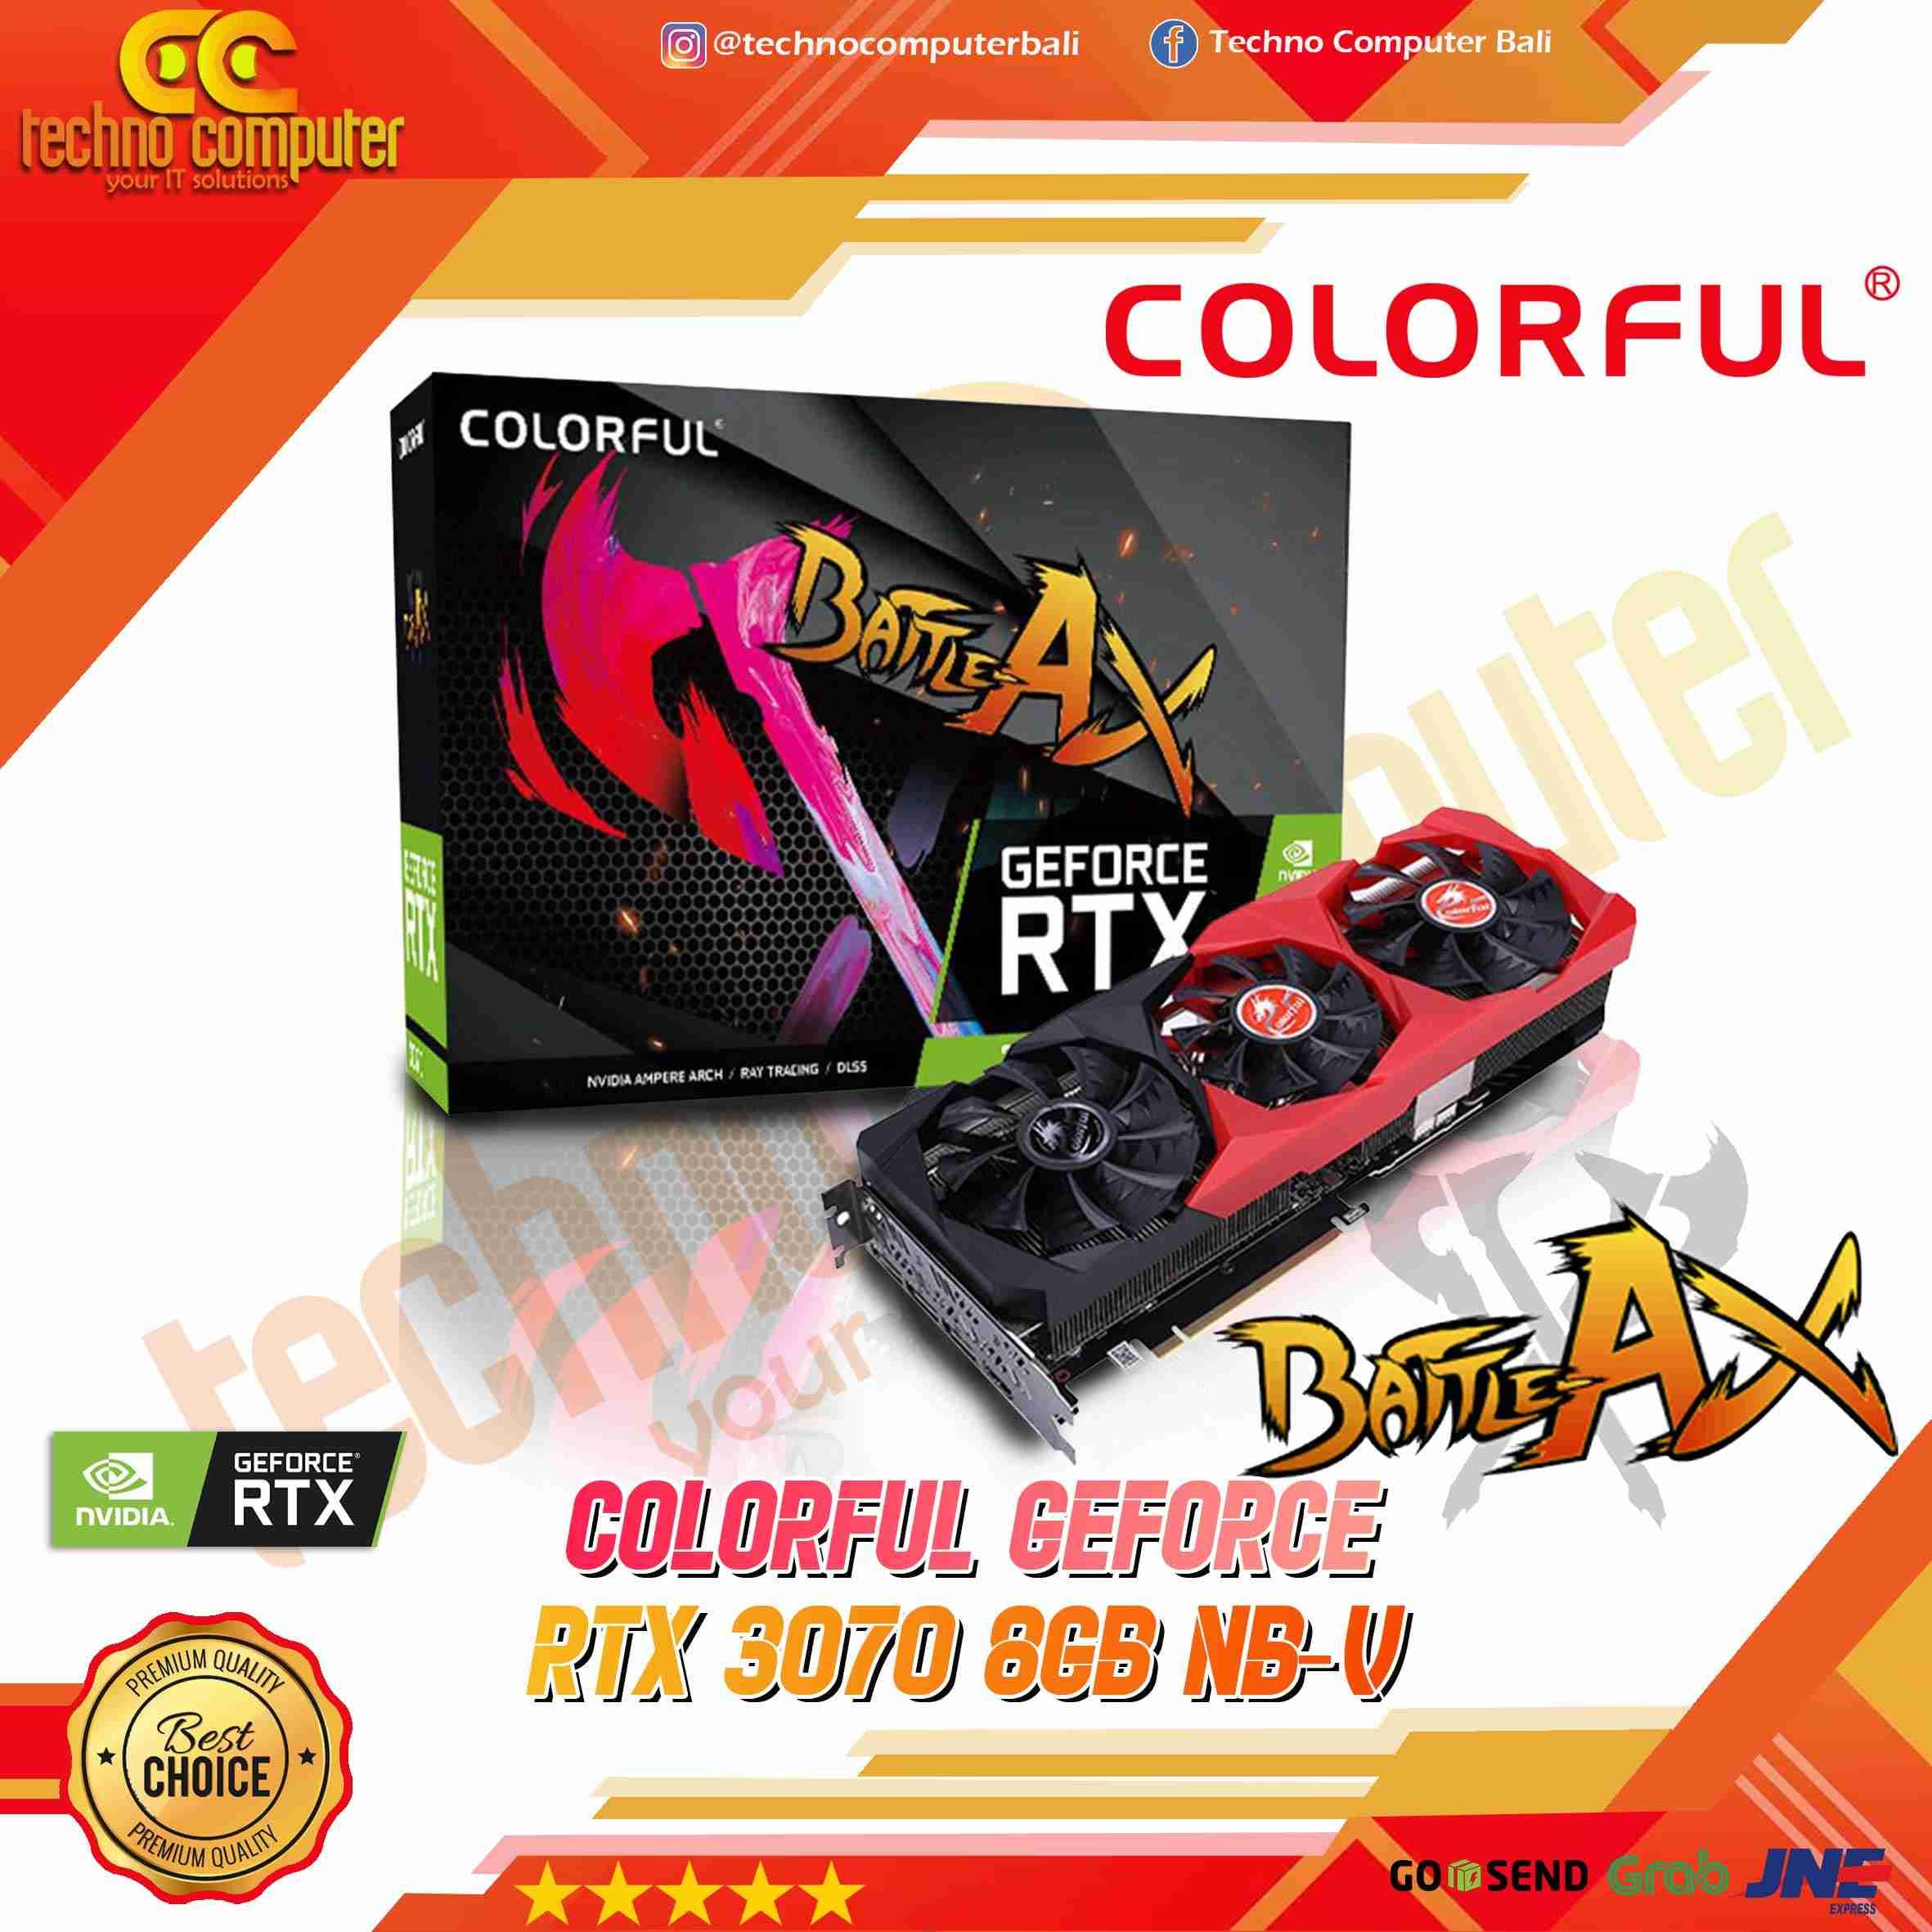 COLORFUL GeForce RTX 3070 8GB GDDR6 NB-V - Battle-AX